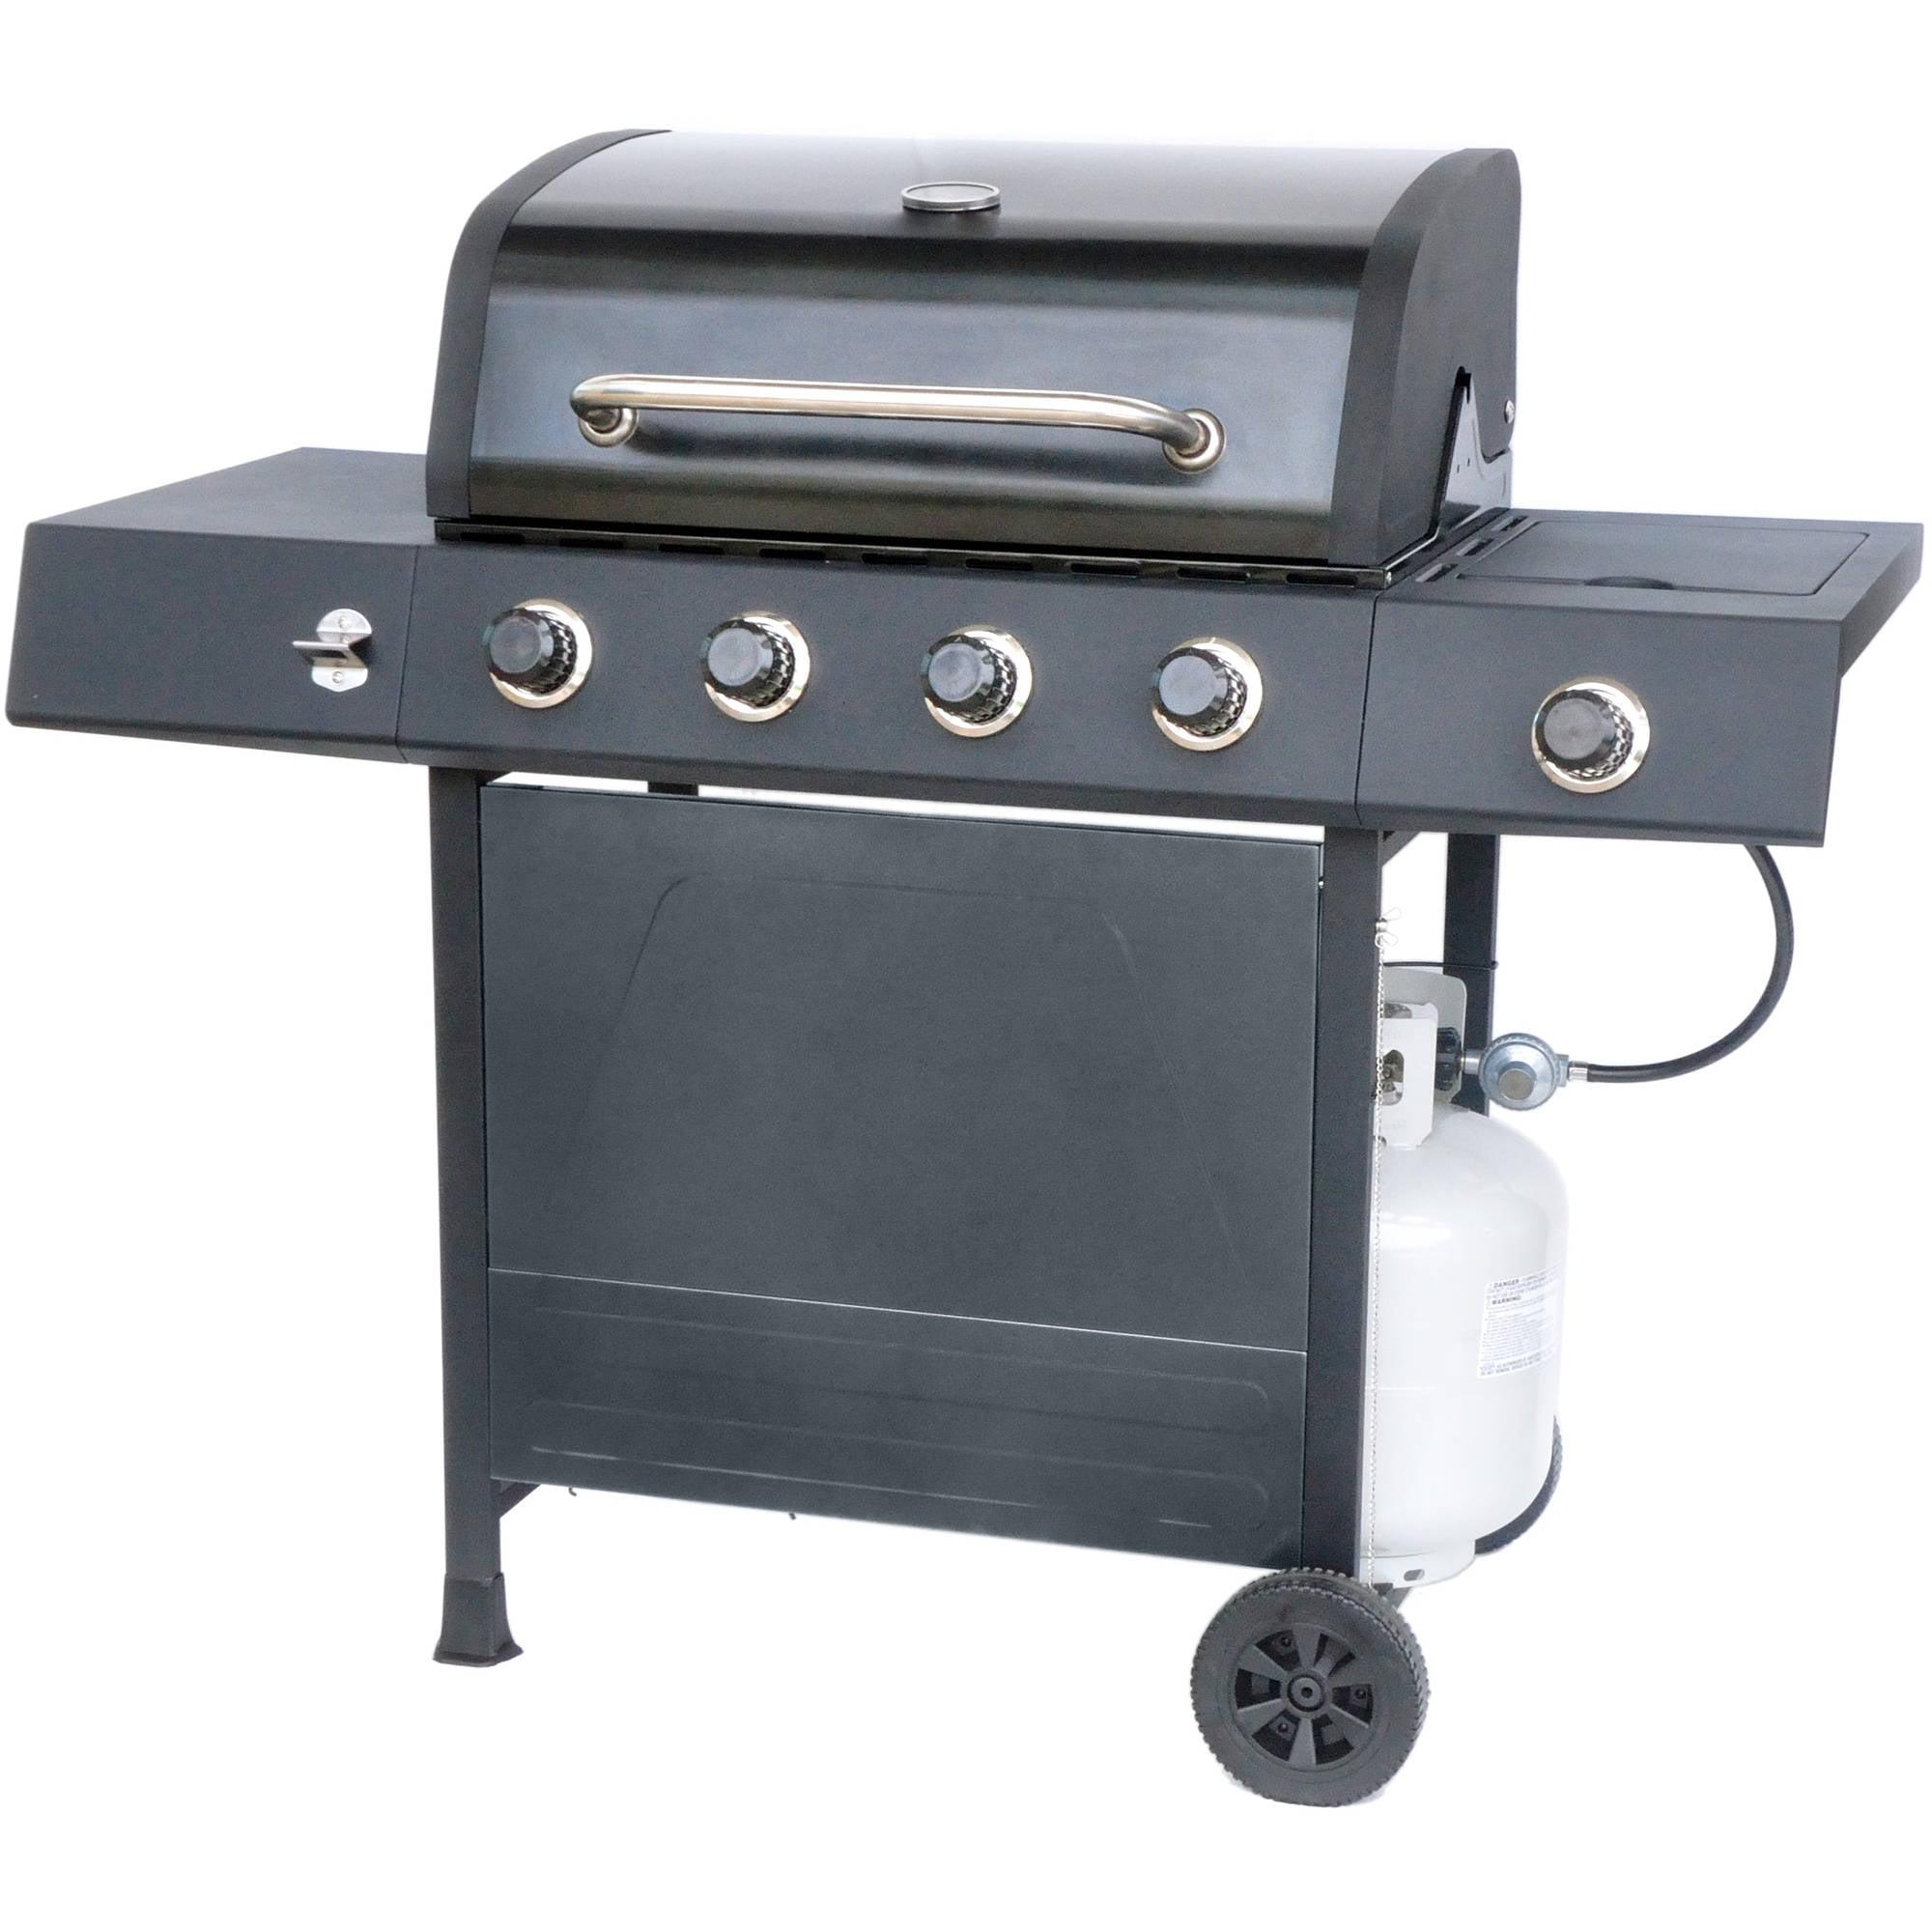 RevoAce 4-Burner Gas Grill with Side Burner, Pewter Fleck